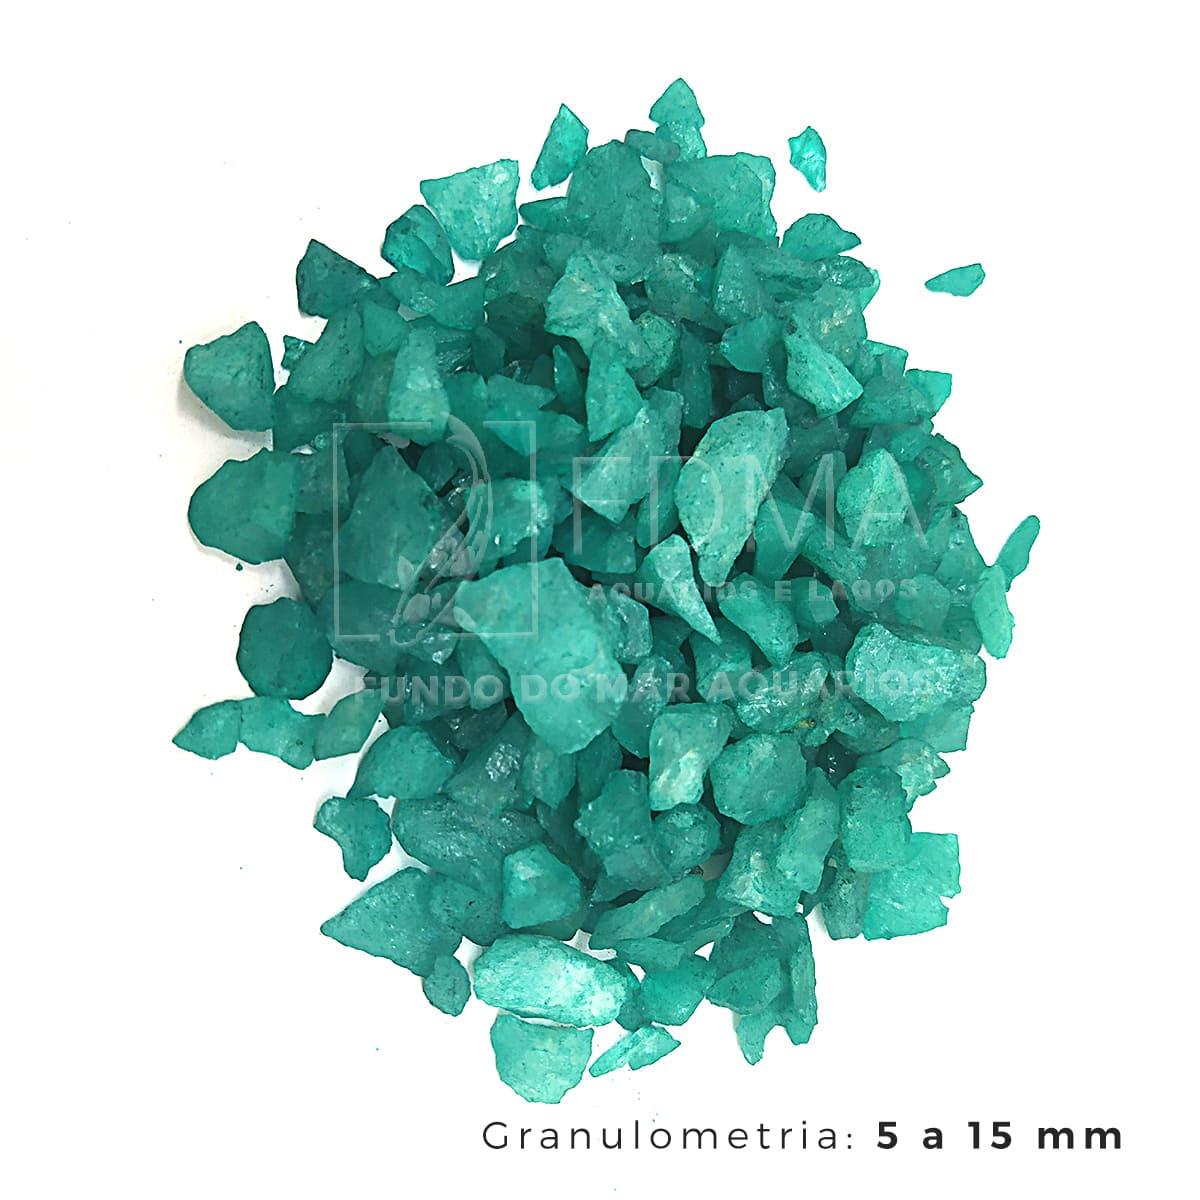 Cristal Quartzo Decoração Aquário e jardim Verde Escuro -1kg